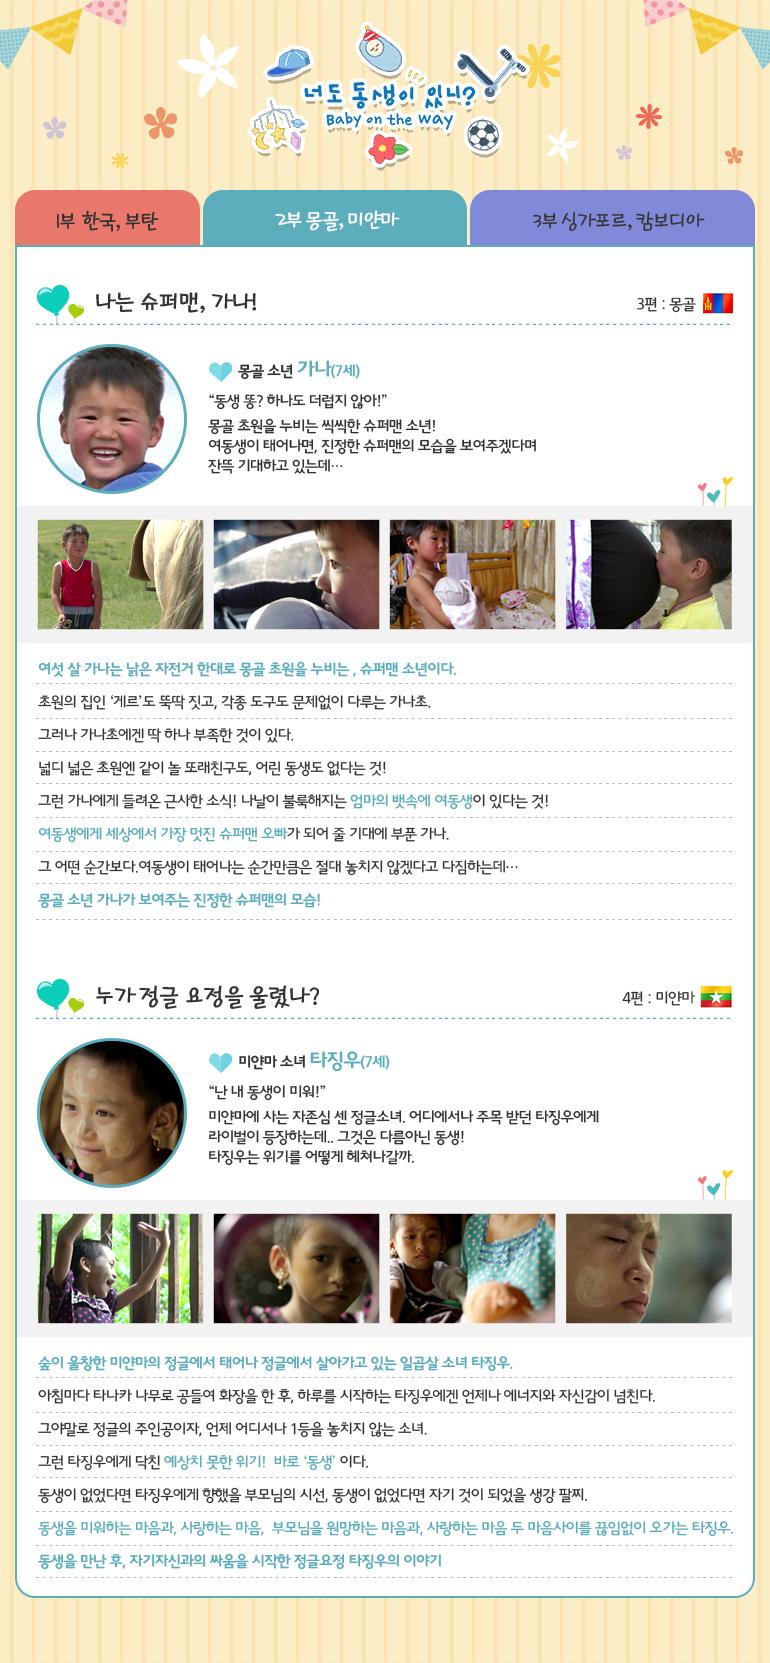 3편 몽골 : 나는 슈퍼맨, 가나! / 4편 미얀마 : 누가 정글 요정을 울렸나?